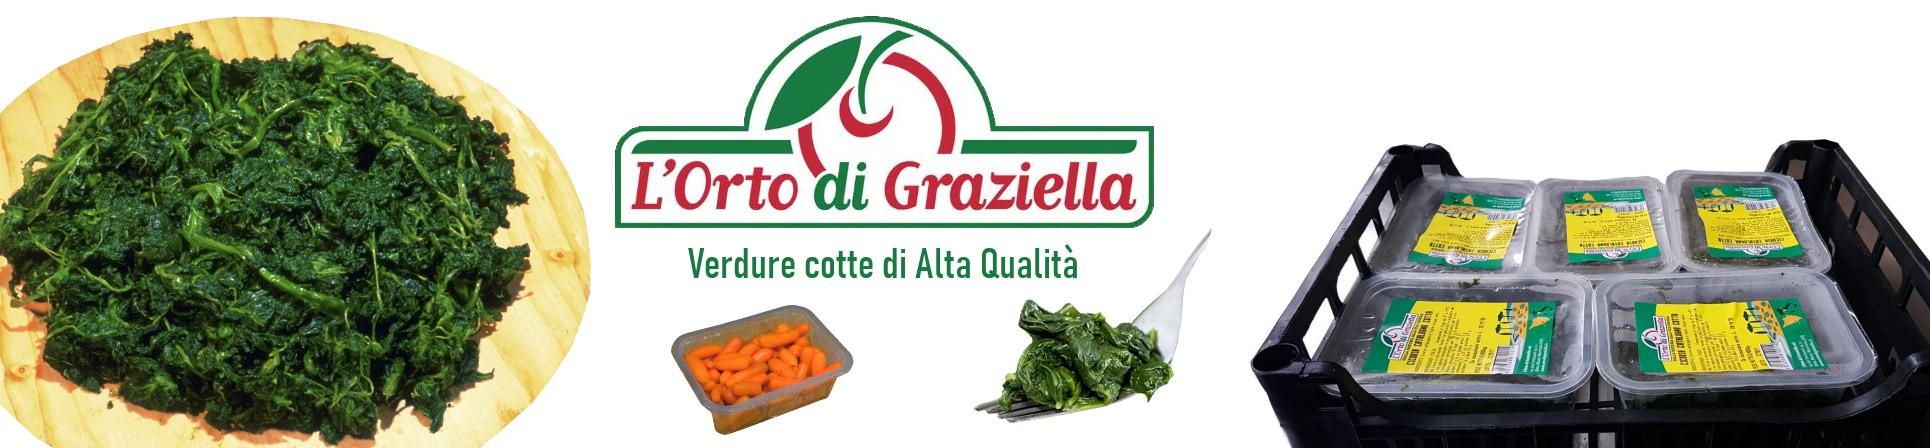 Verdure cotte L'ORTO DI GRAZIELLA - vendita online